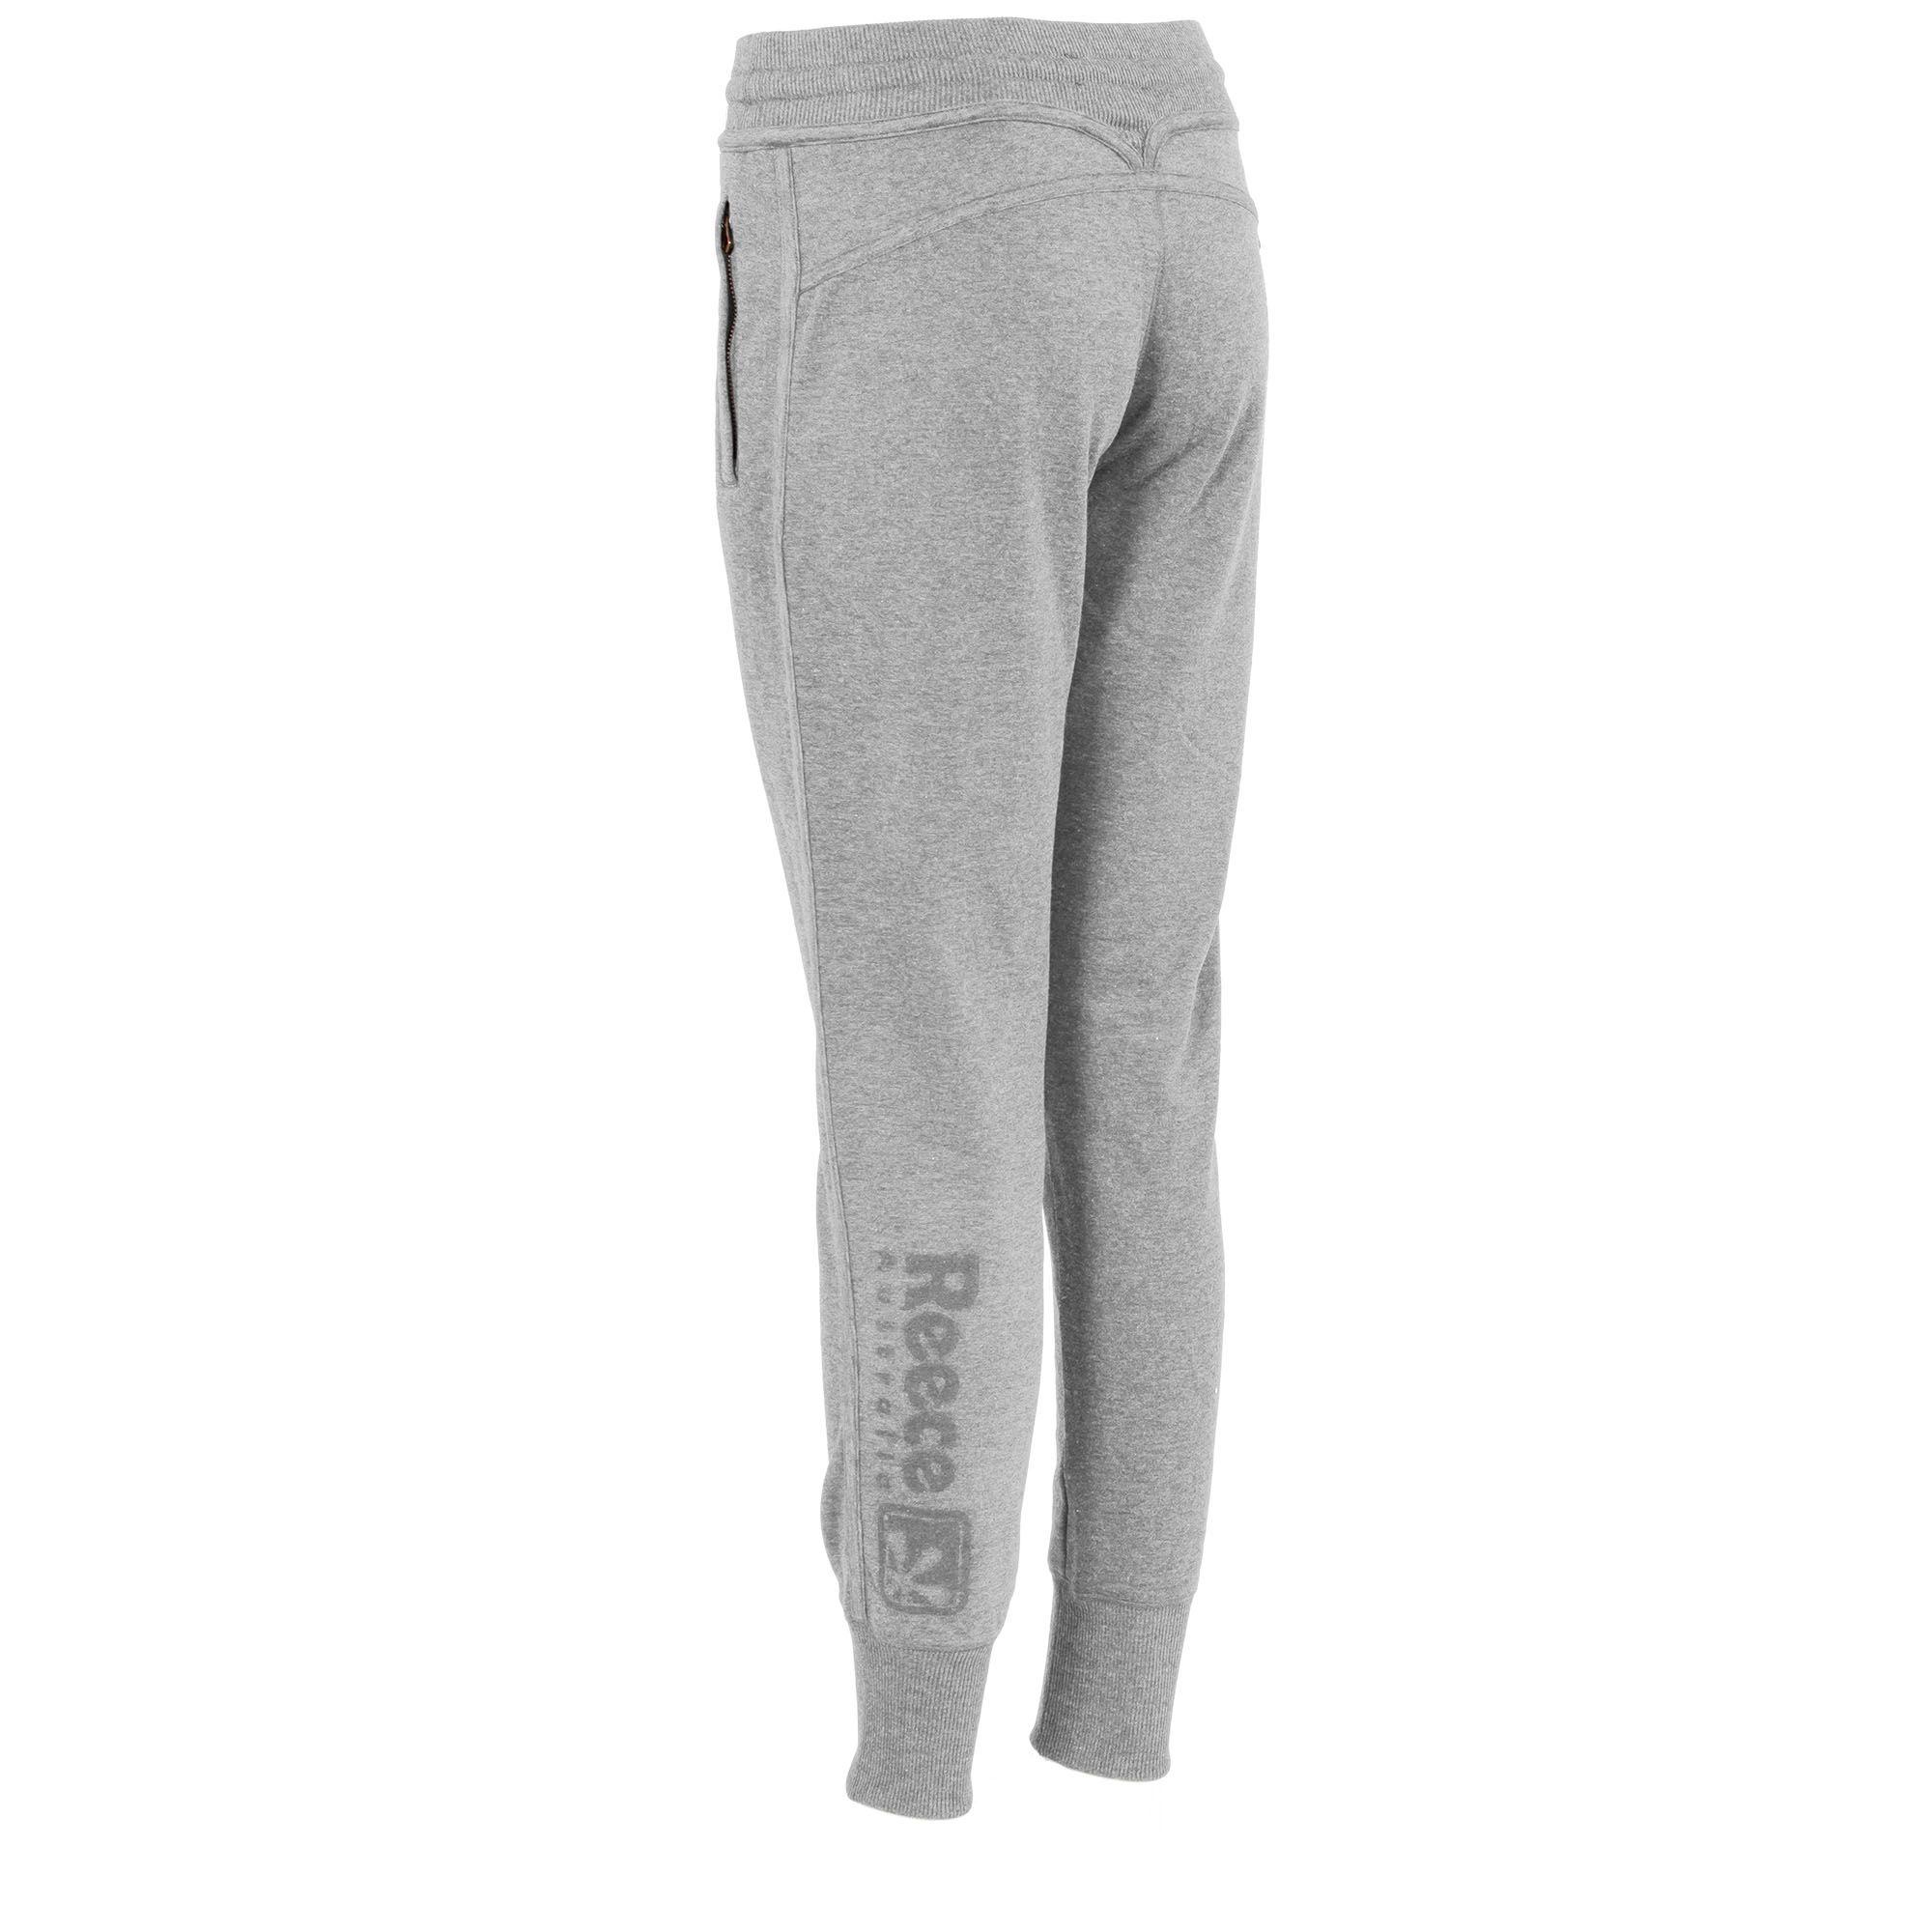 edbfa94e7e14 Ruby Sweat Pants-834611-9160-XS-Grey-Reeceaustralia.com